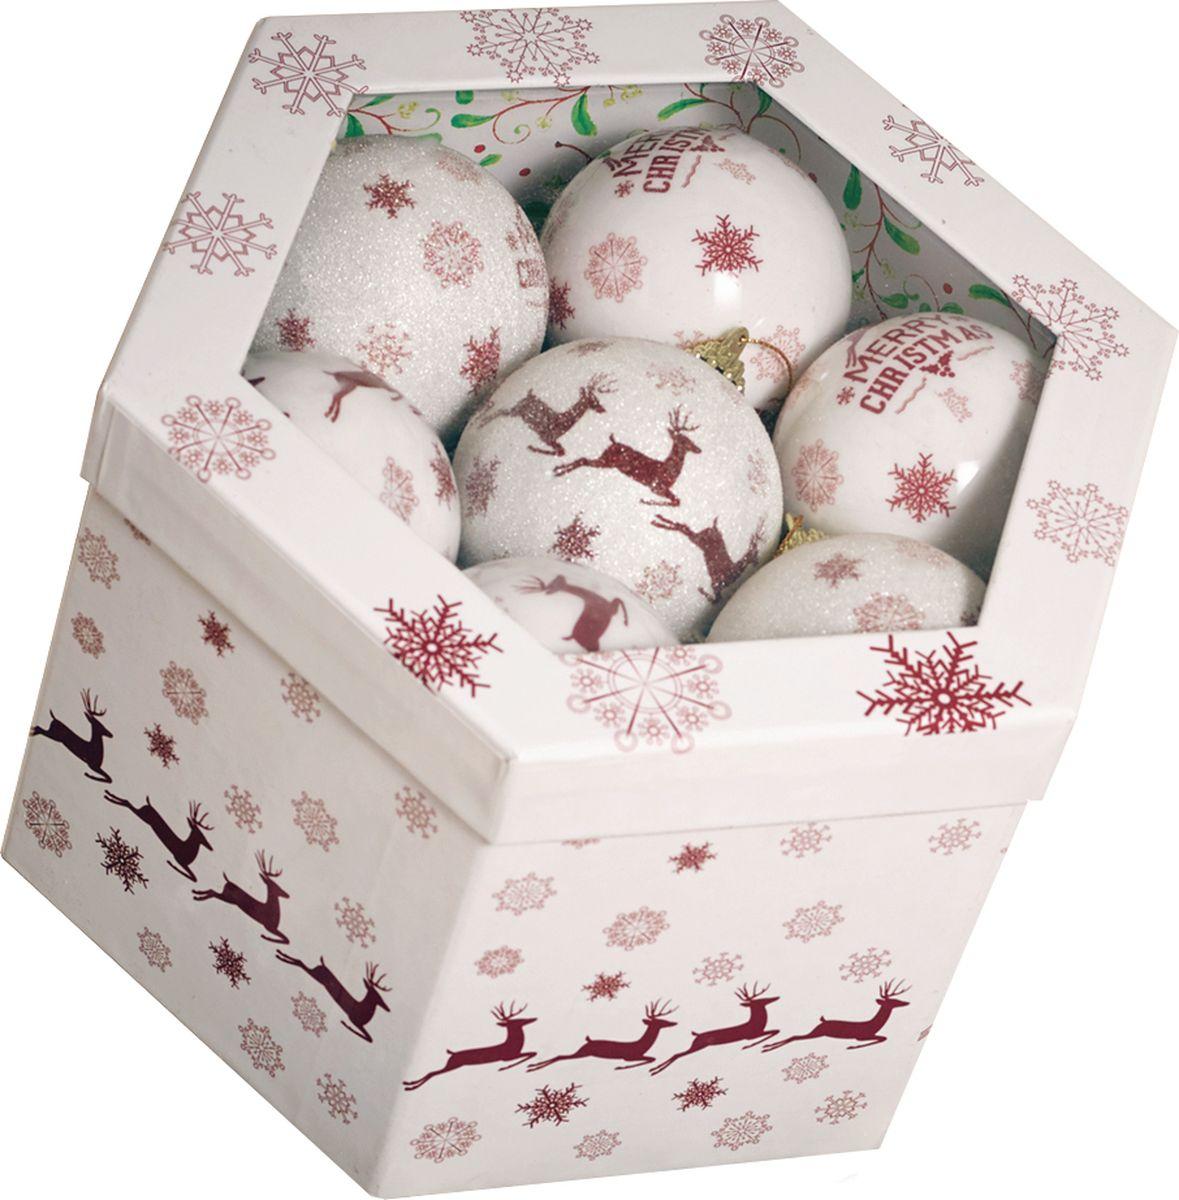 Набор шаров Gardman, 14 шт, диаметр 7,5 см. 18804XS18804XSНабор елочных шаров из глянцевых и матовых в подарочной коробке для украшения дома на Рождество и Новый Год.